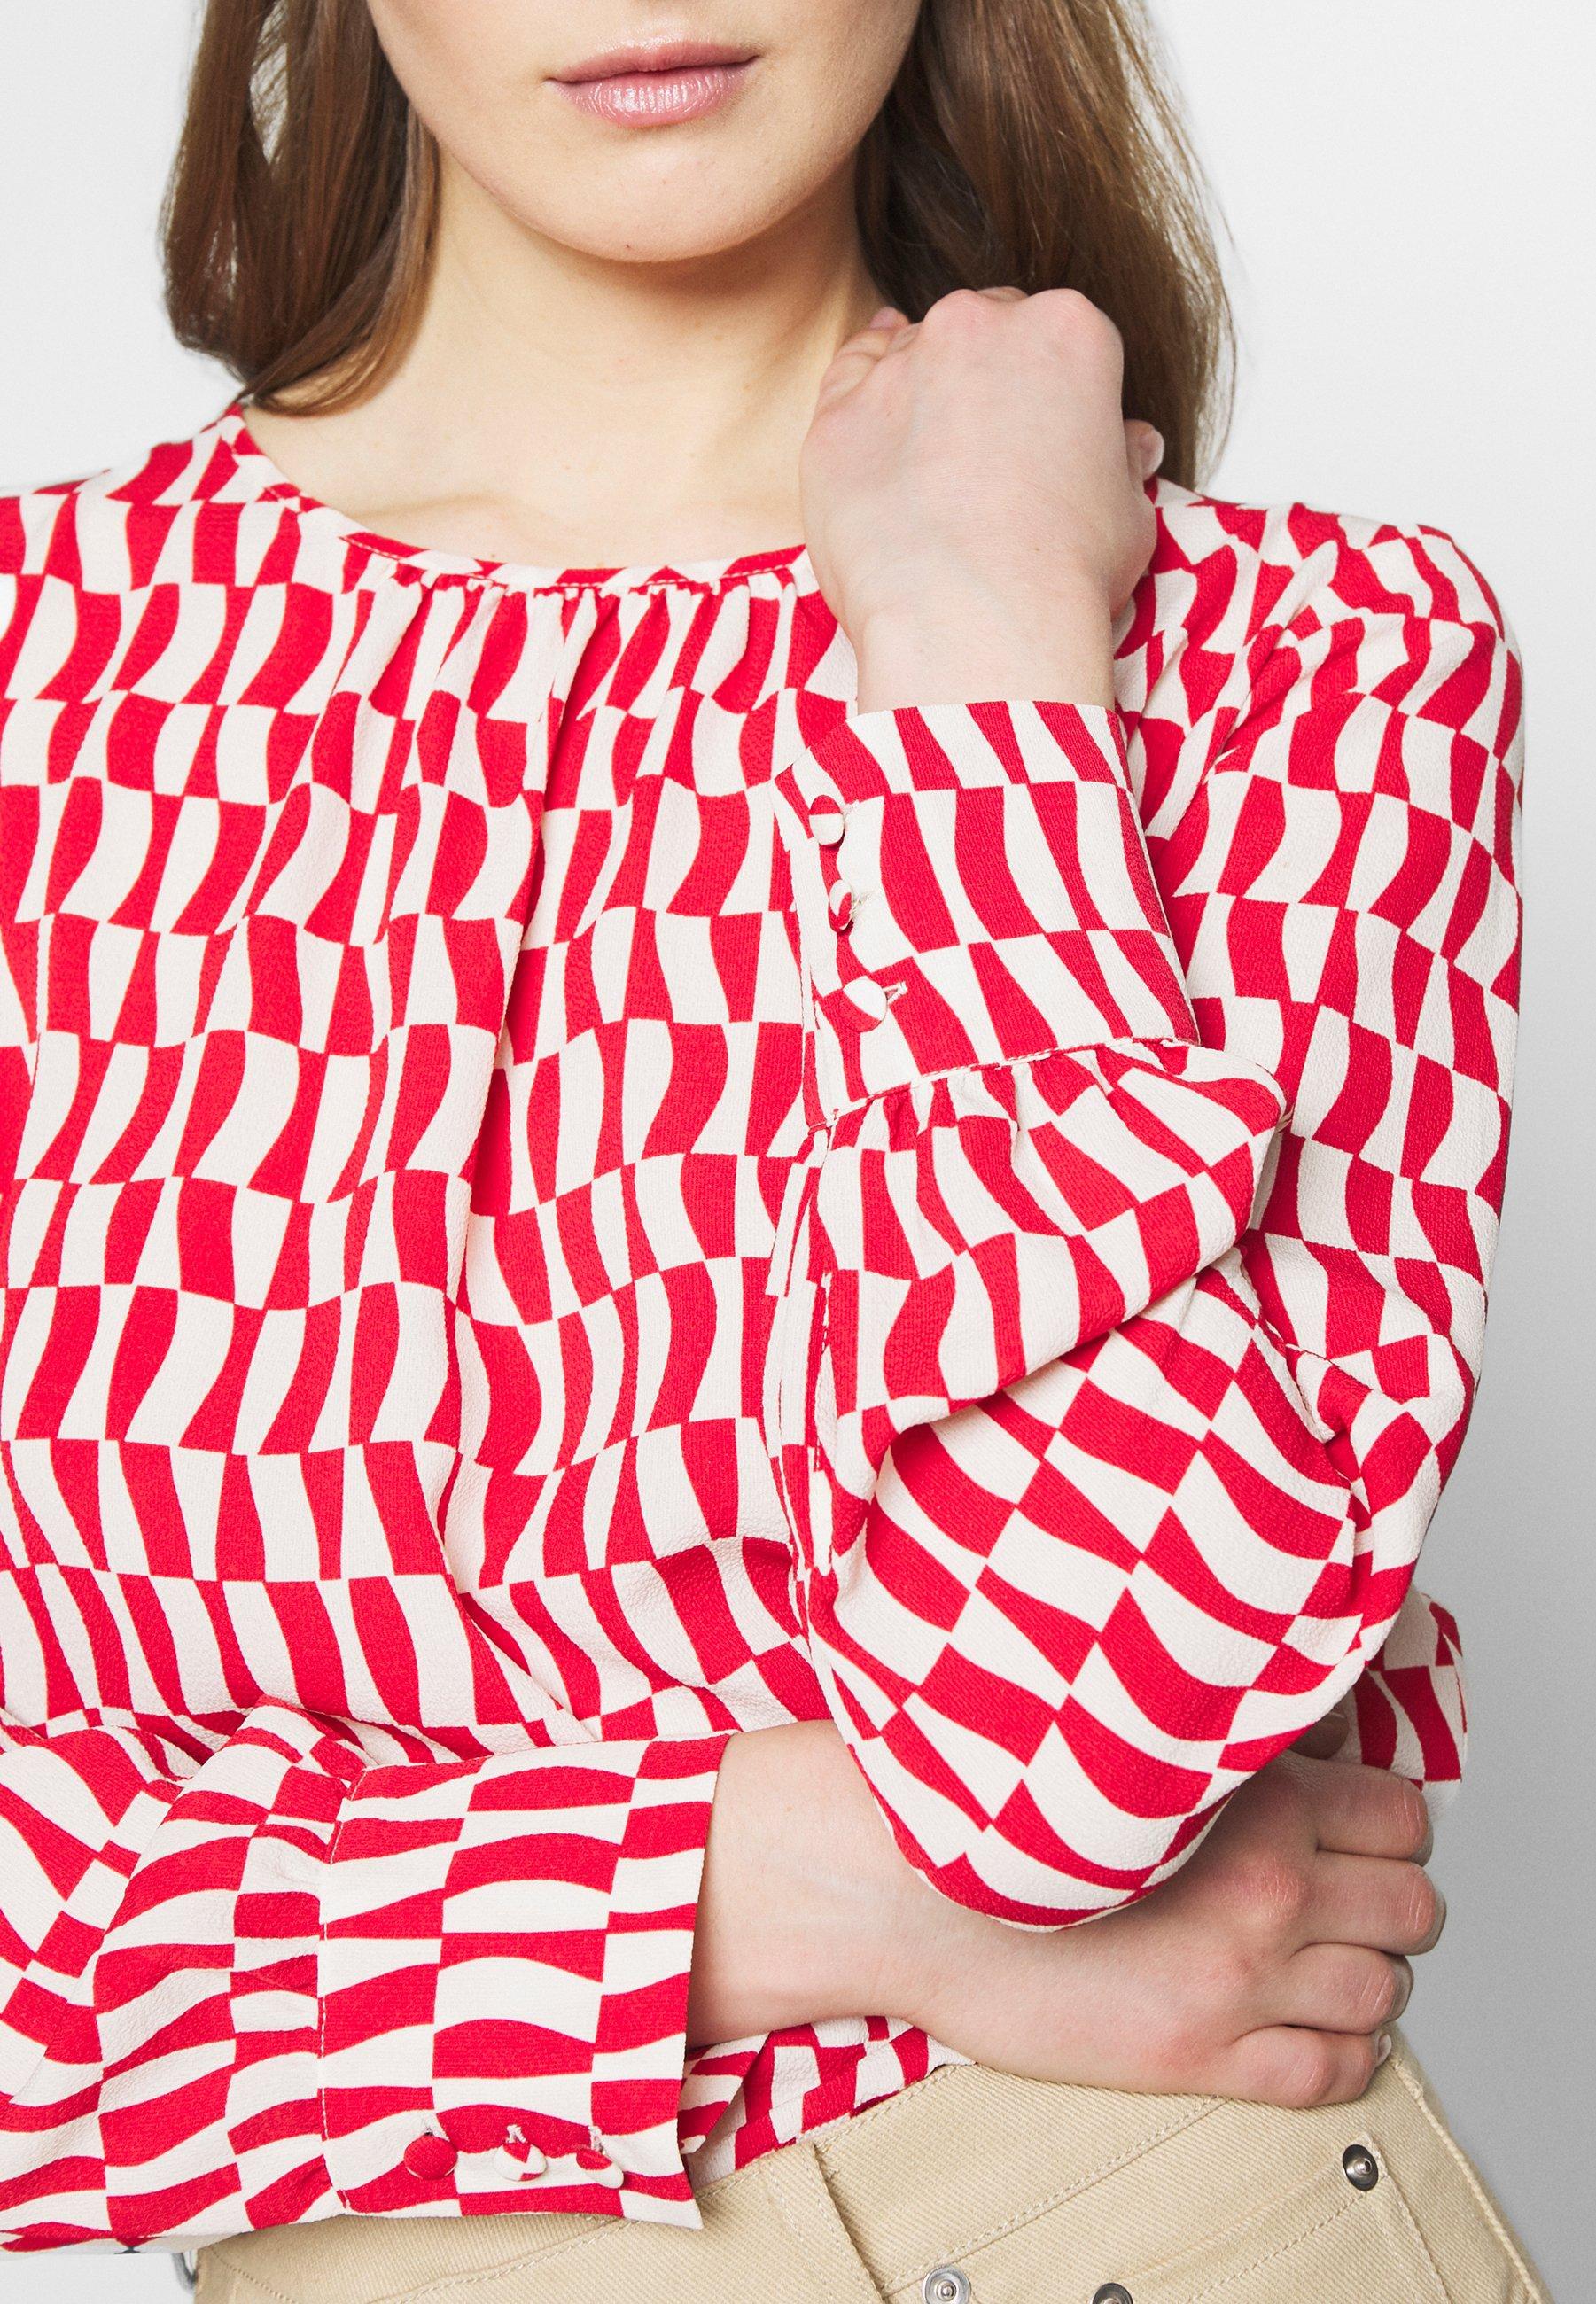 Marella Pulce - Bluse Rosso Black Friday